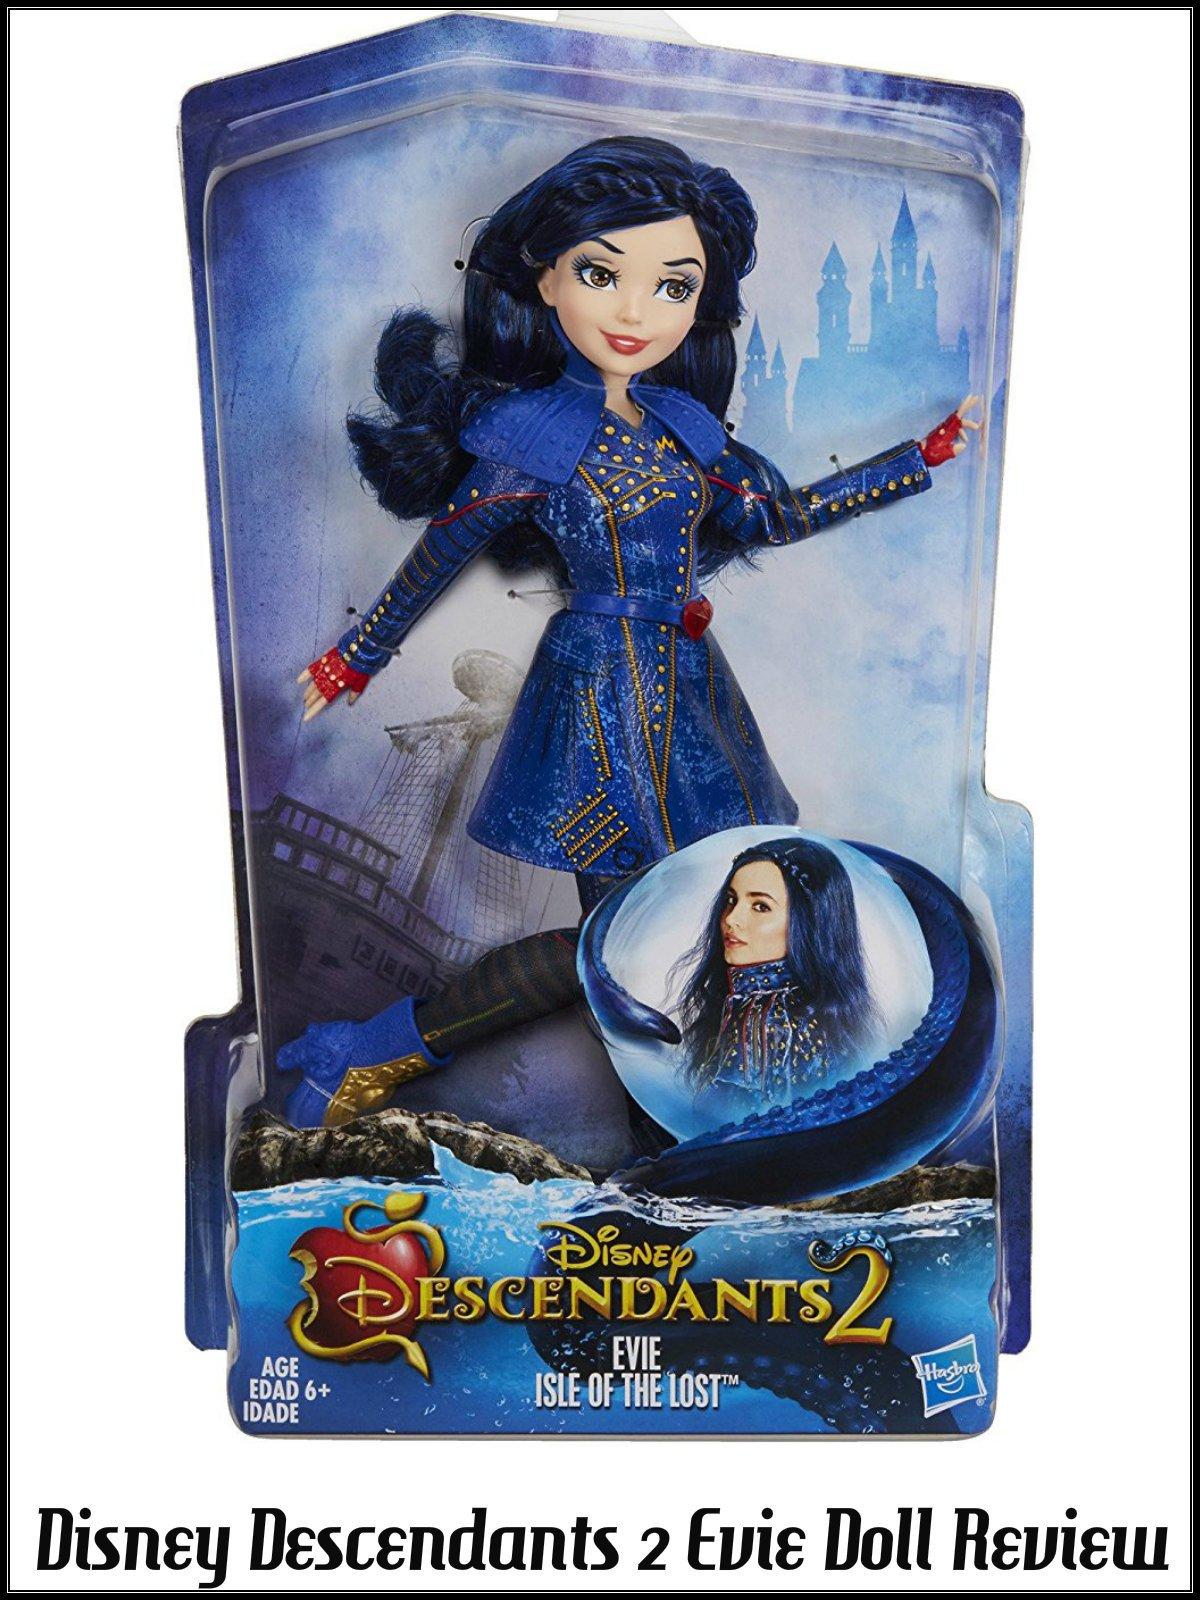 Review: Disney Descendants 2 Evie Doll Review